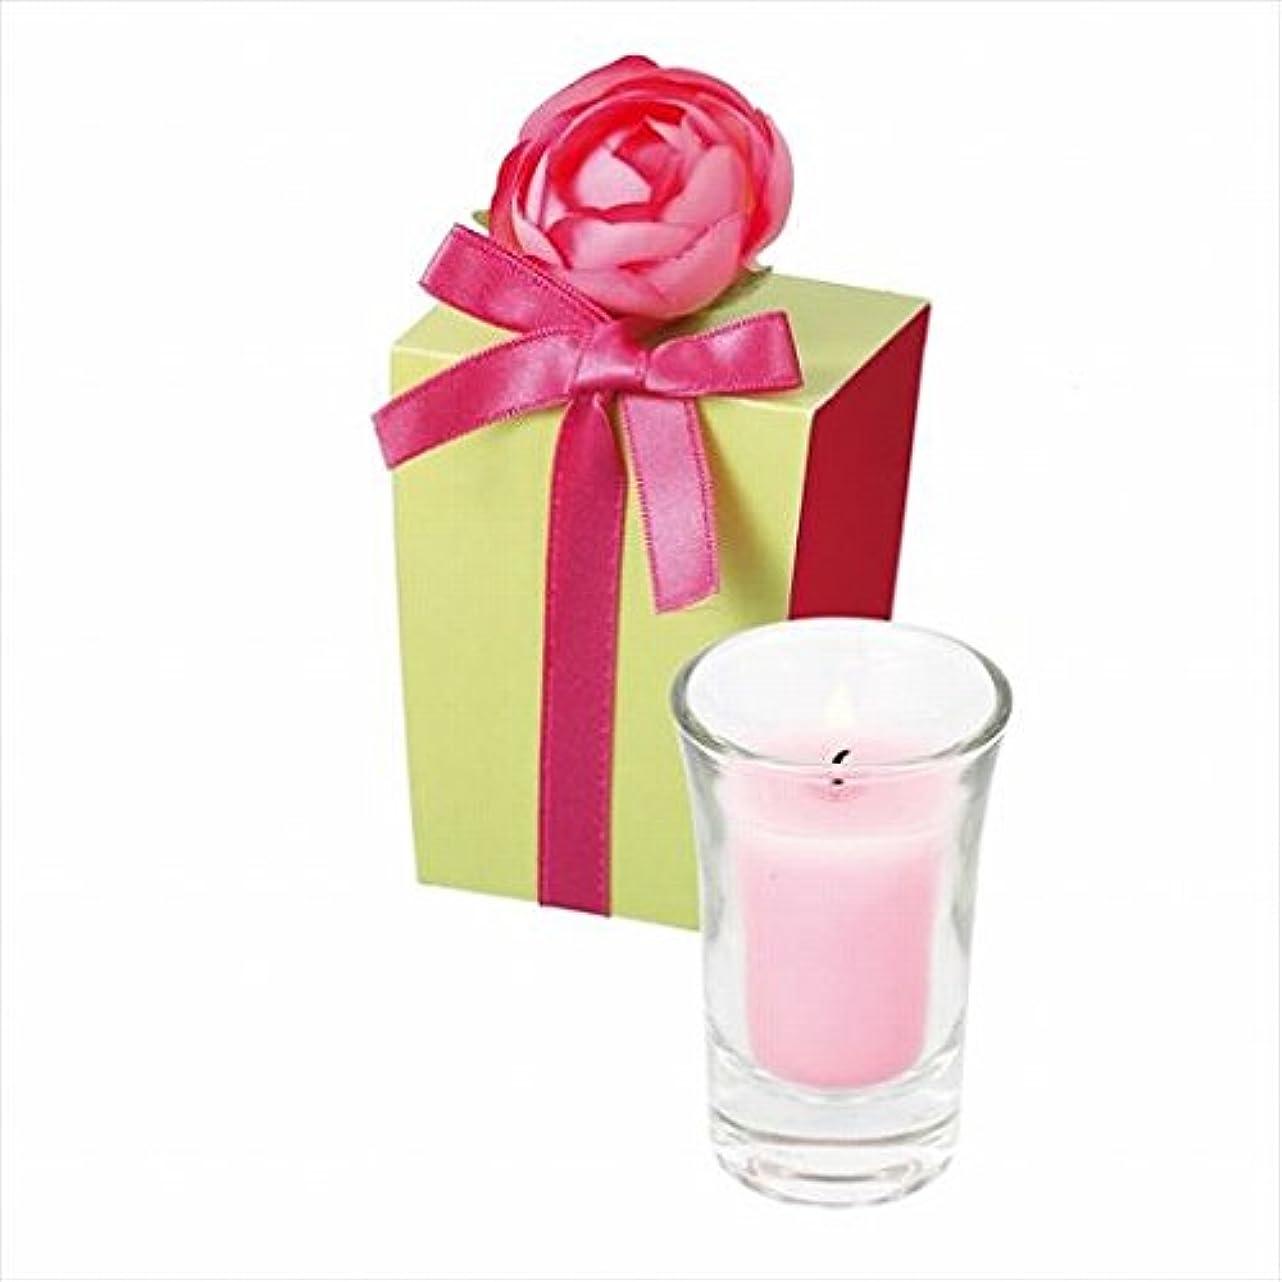 修正協力するベッドを作るカメヤマキャンドル(kameyama candle) ラナンキュラスグラスキャンドル 「 ピンク 」